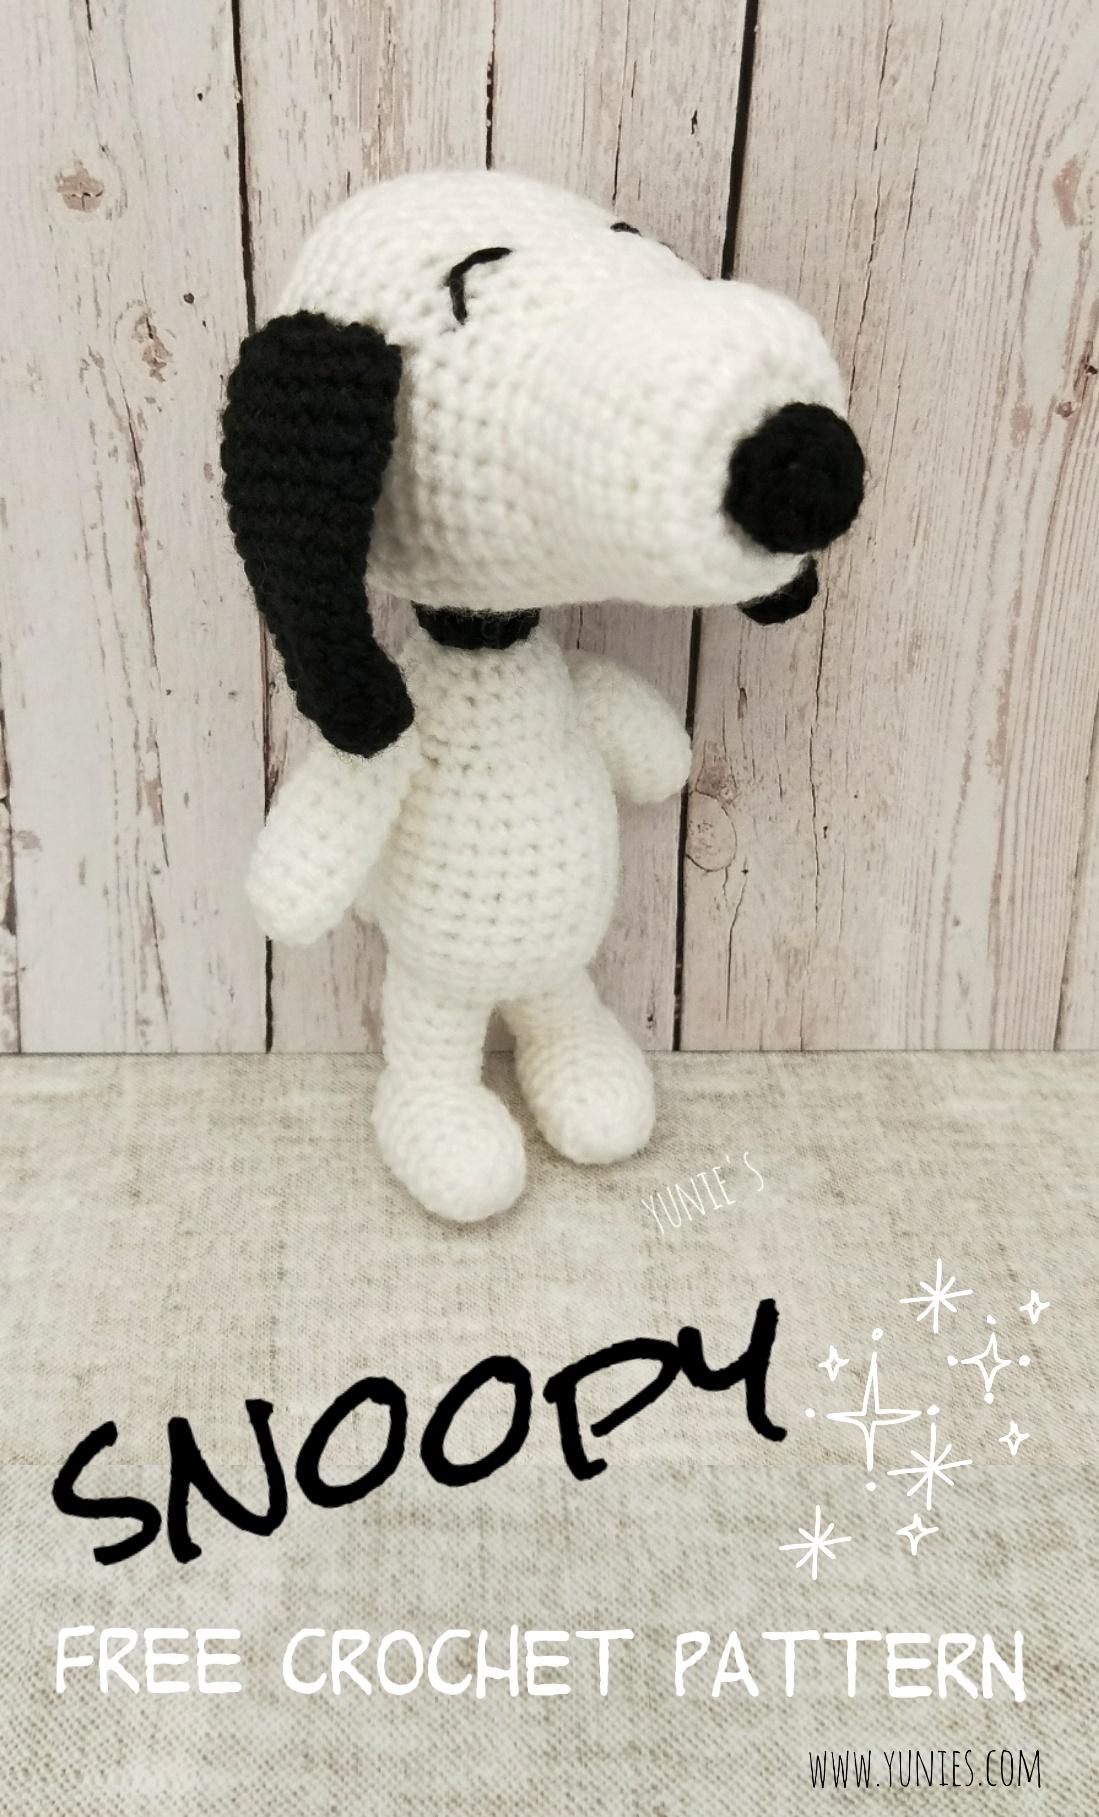 Free crochet pattern : Snoopy Amigurumi | Free Crochet Pattern ...